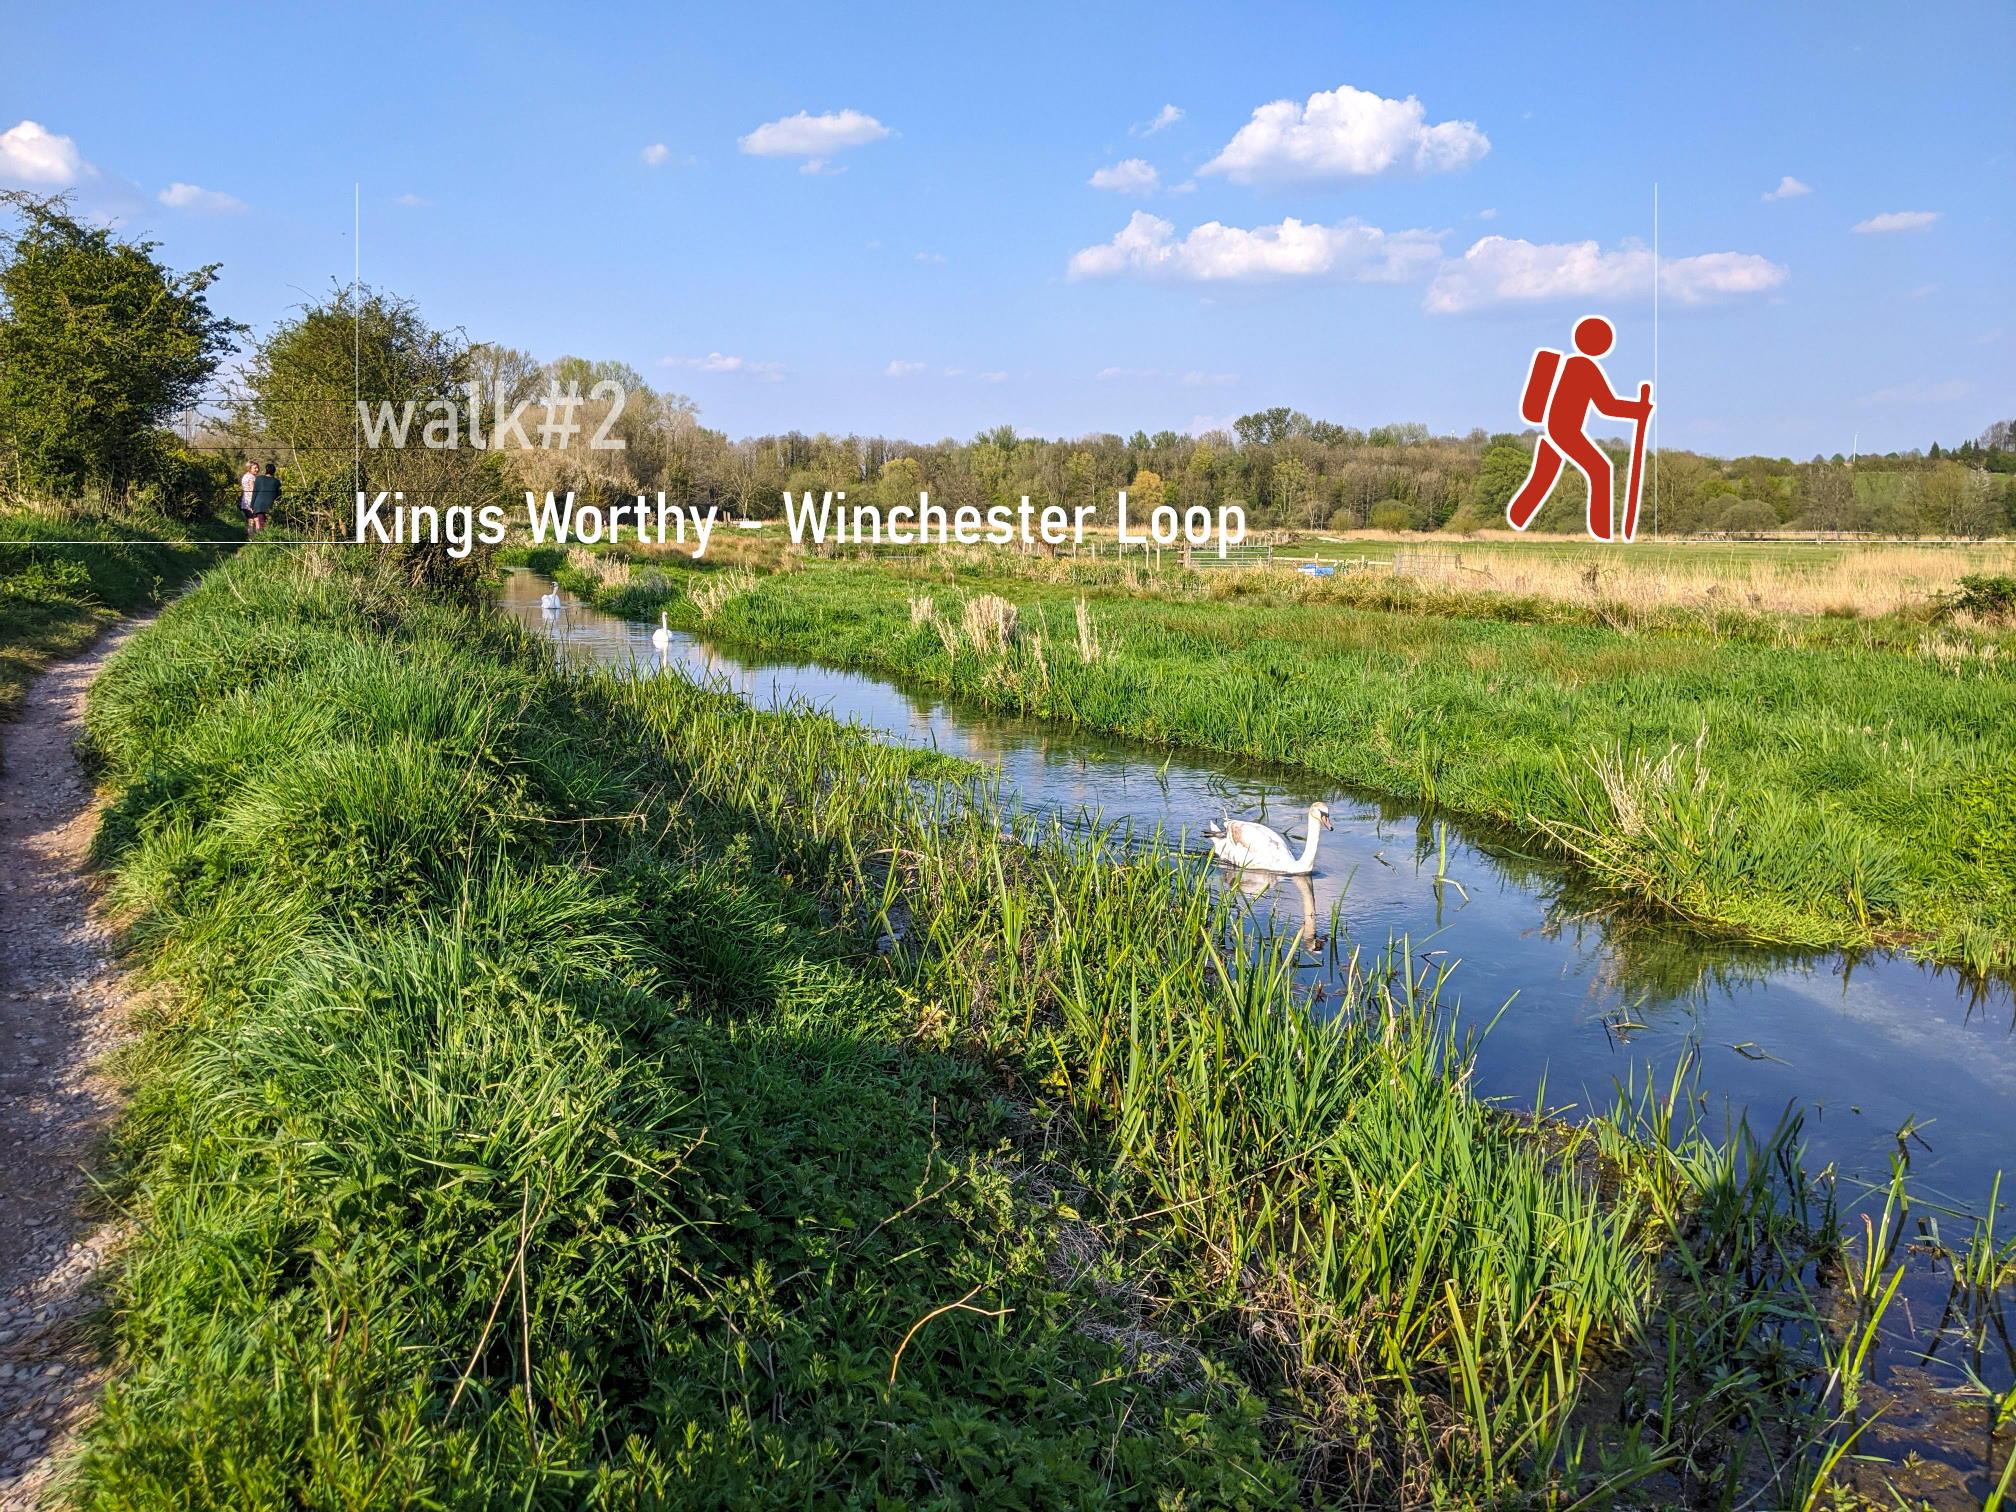 walk2 - Kings Worthy loop